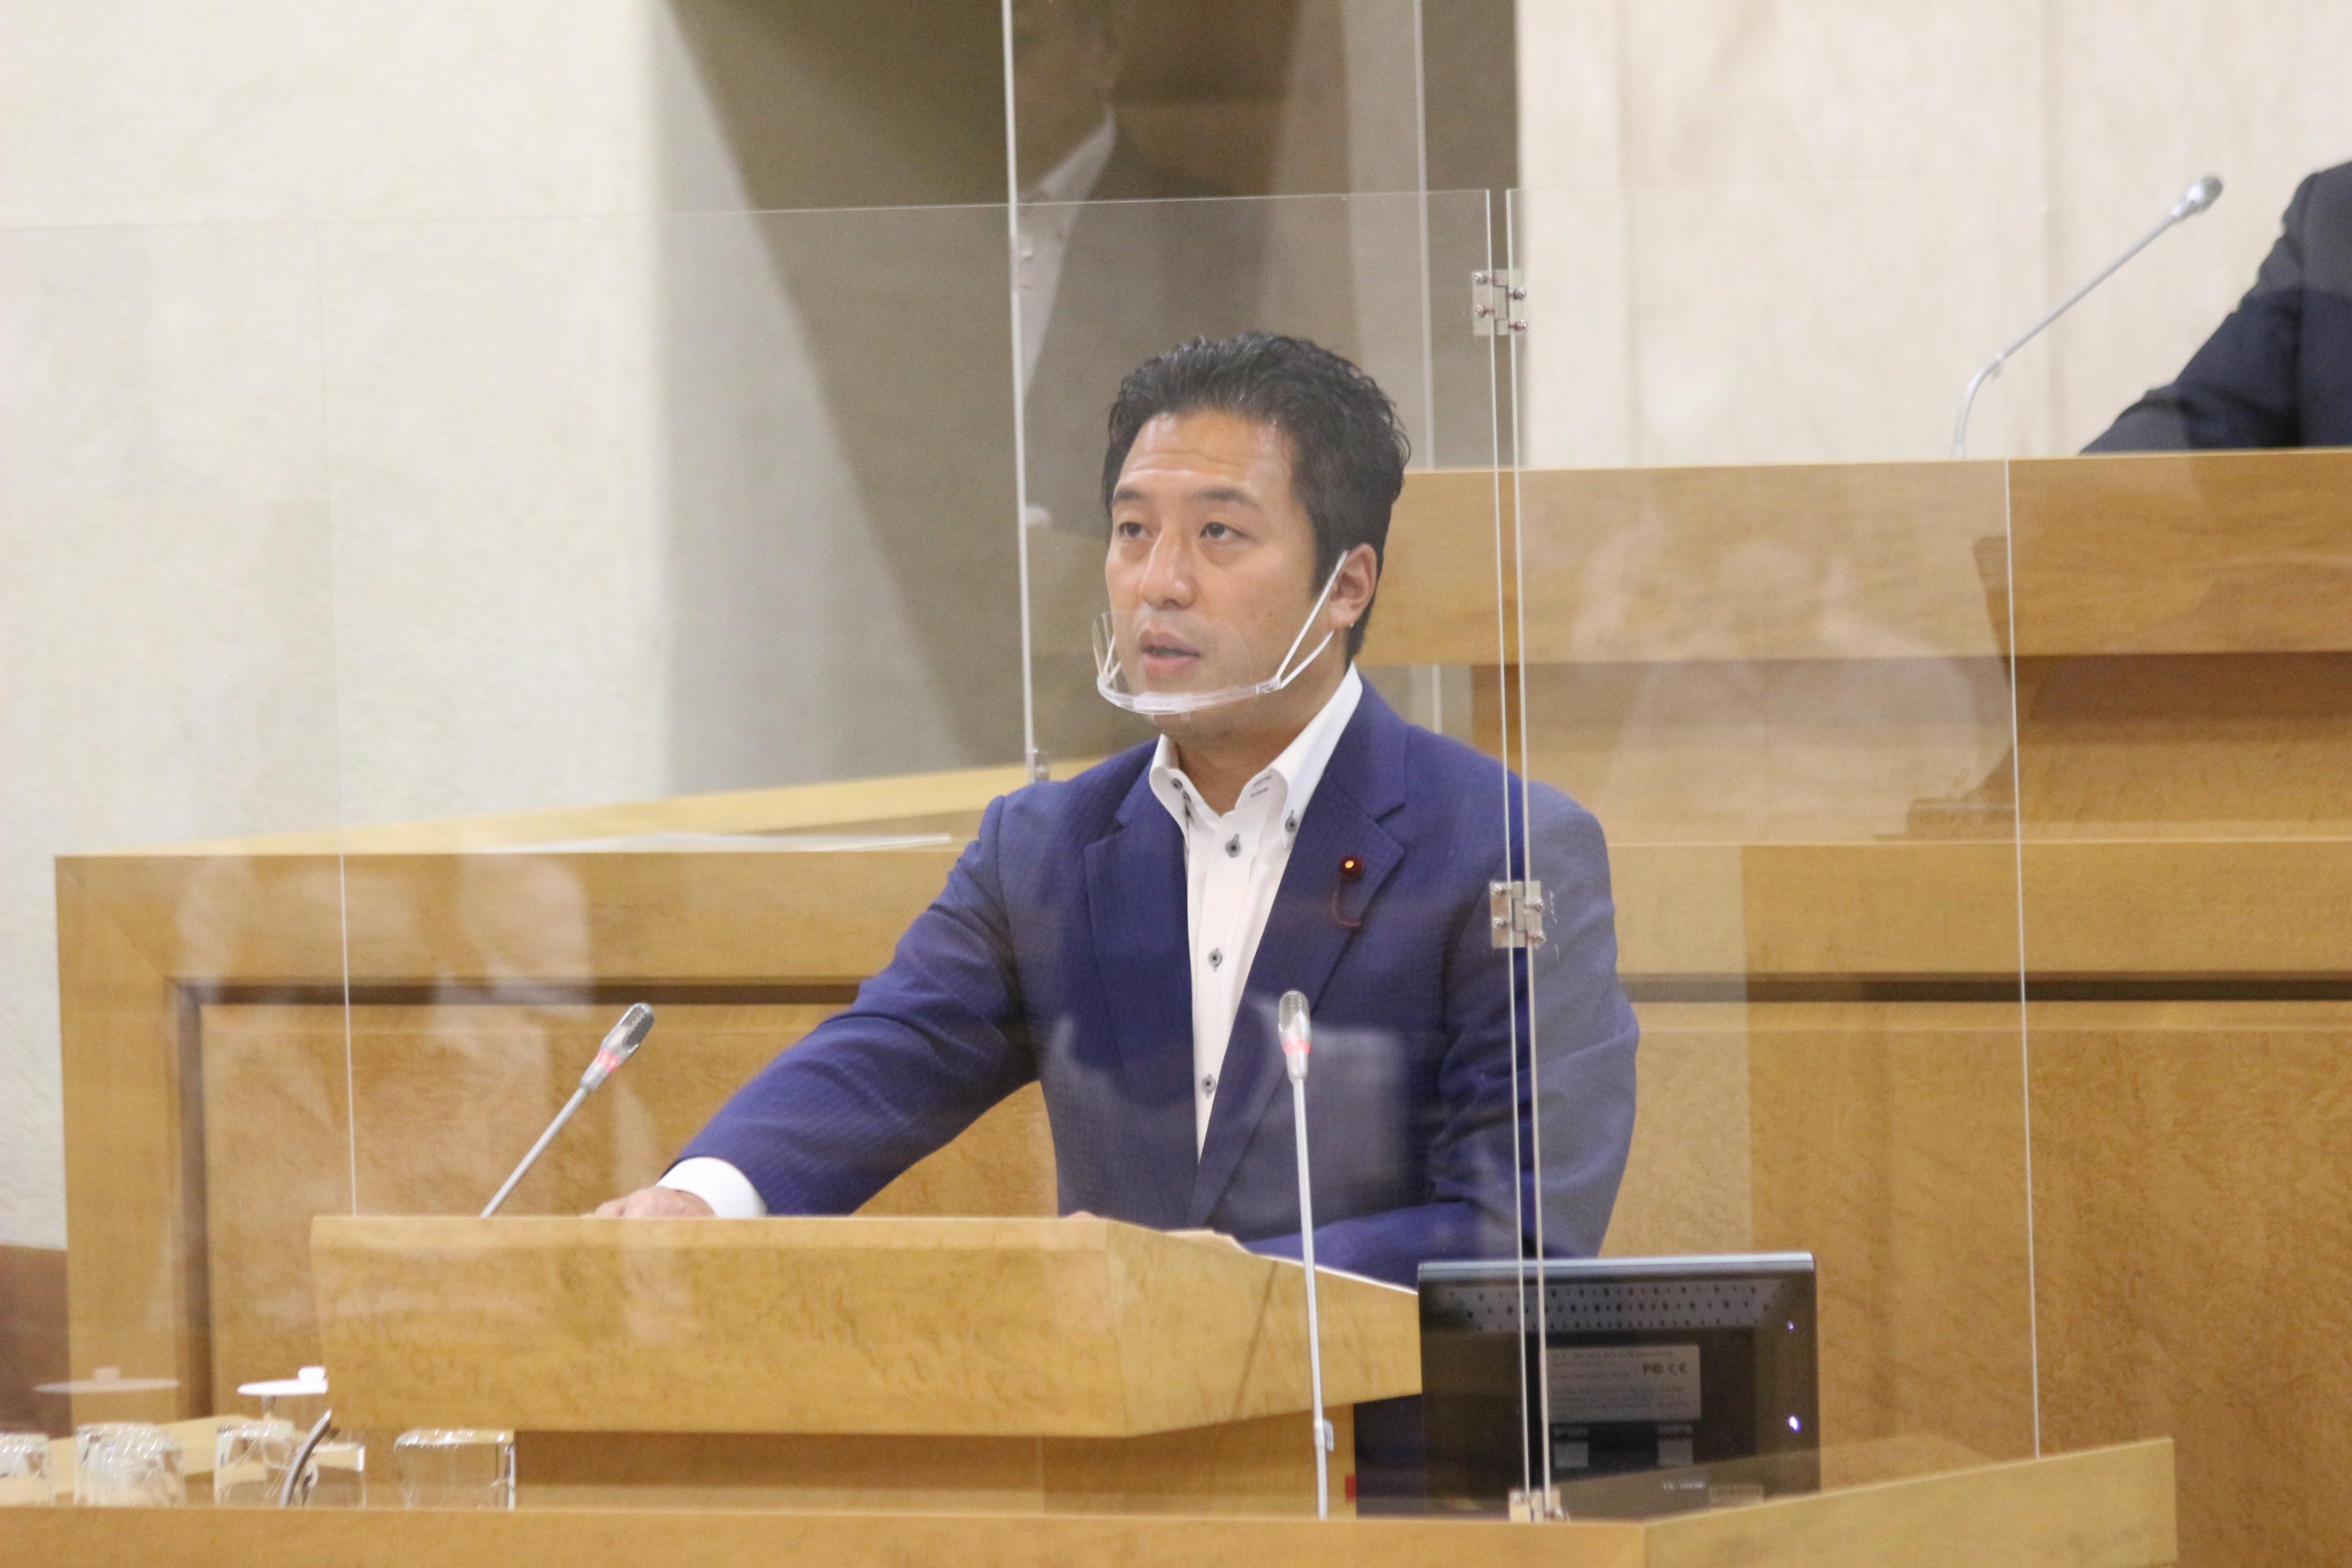 第三回定例会で新型コロナの影響について質問する山田耕平区議